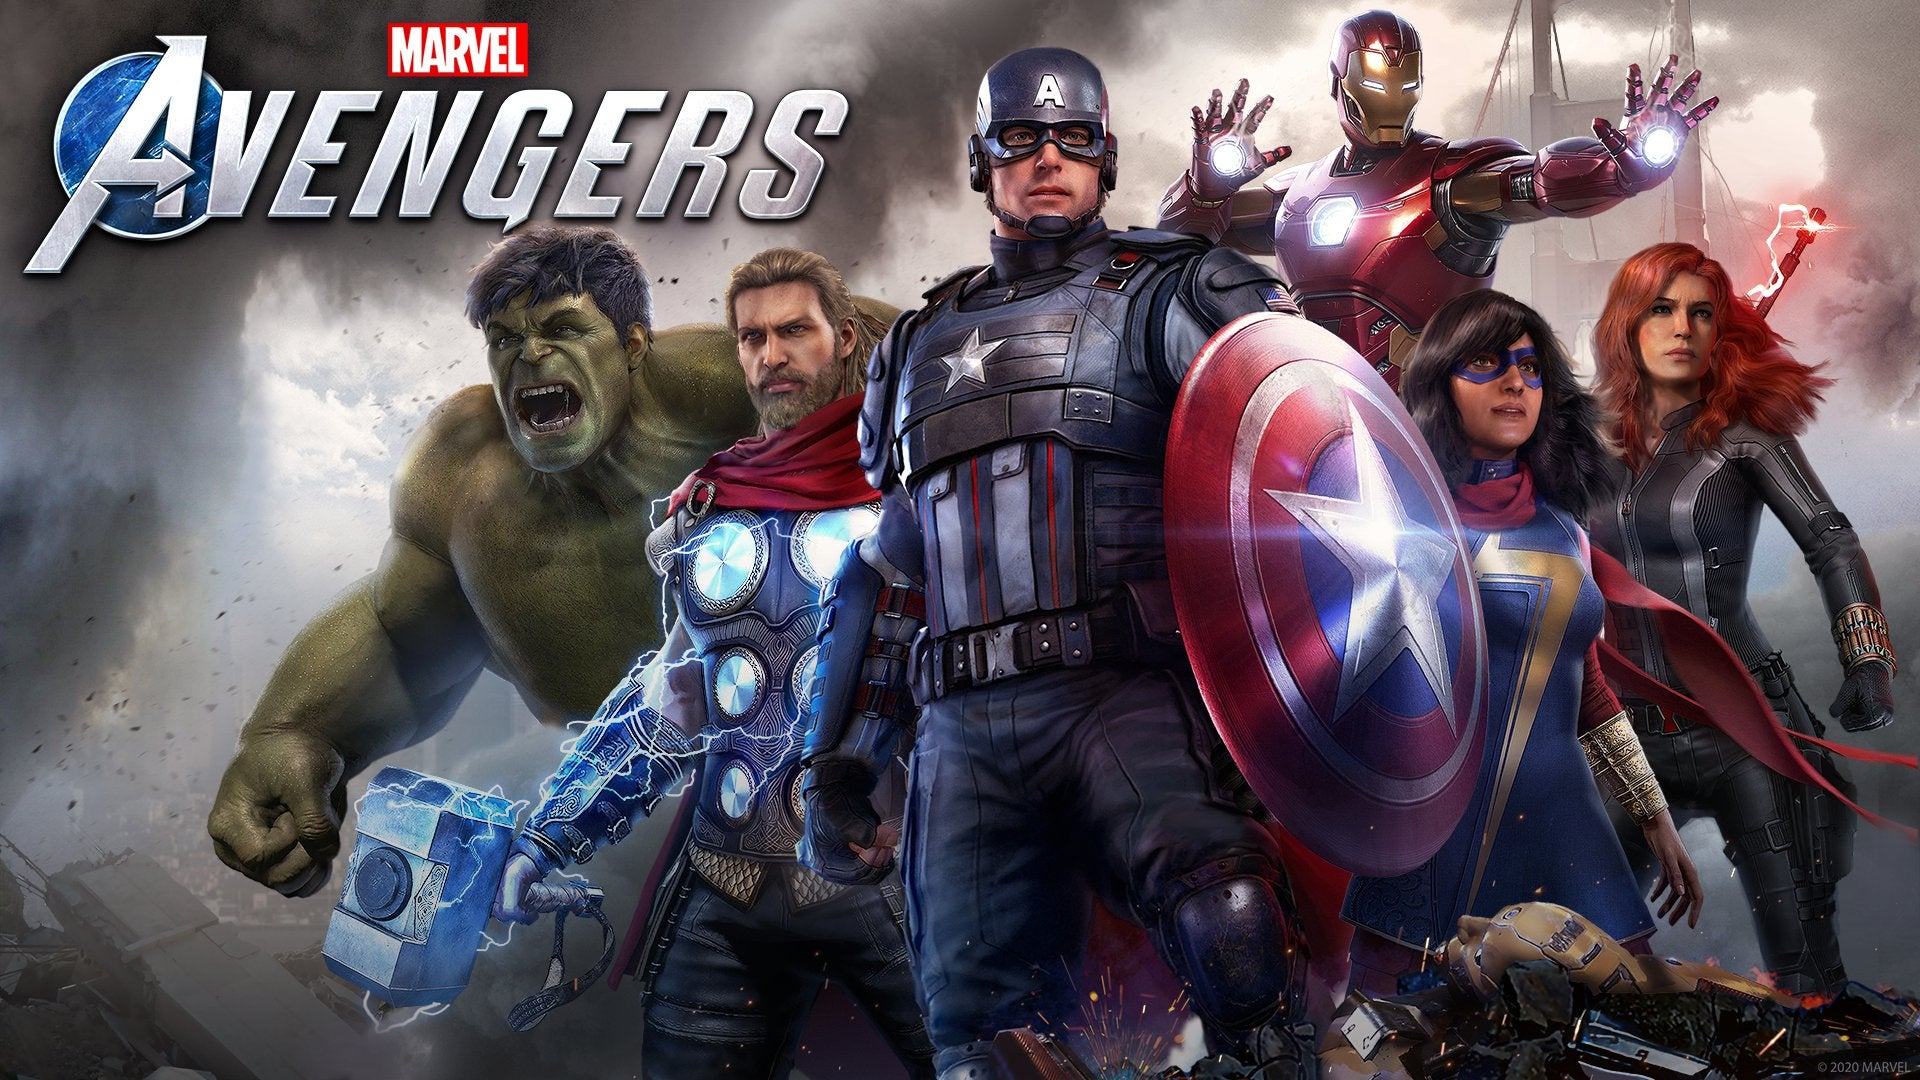 El nuevo tráiler de Marvel's Avengers reveló una sorpresa para sus fanáticos